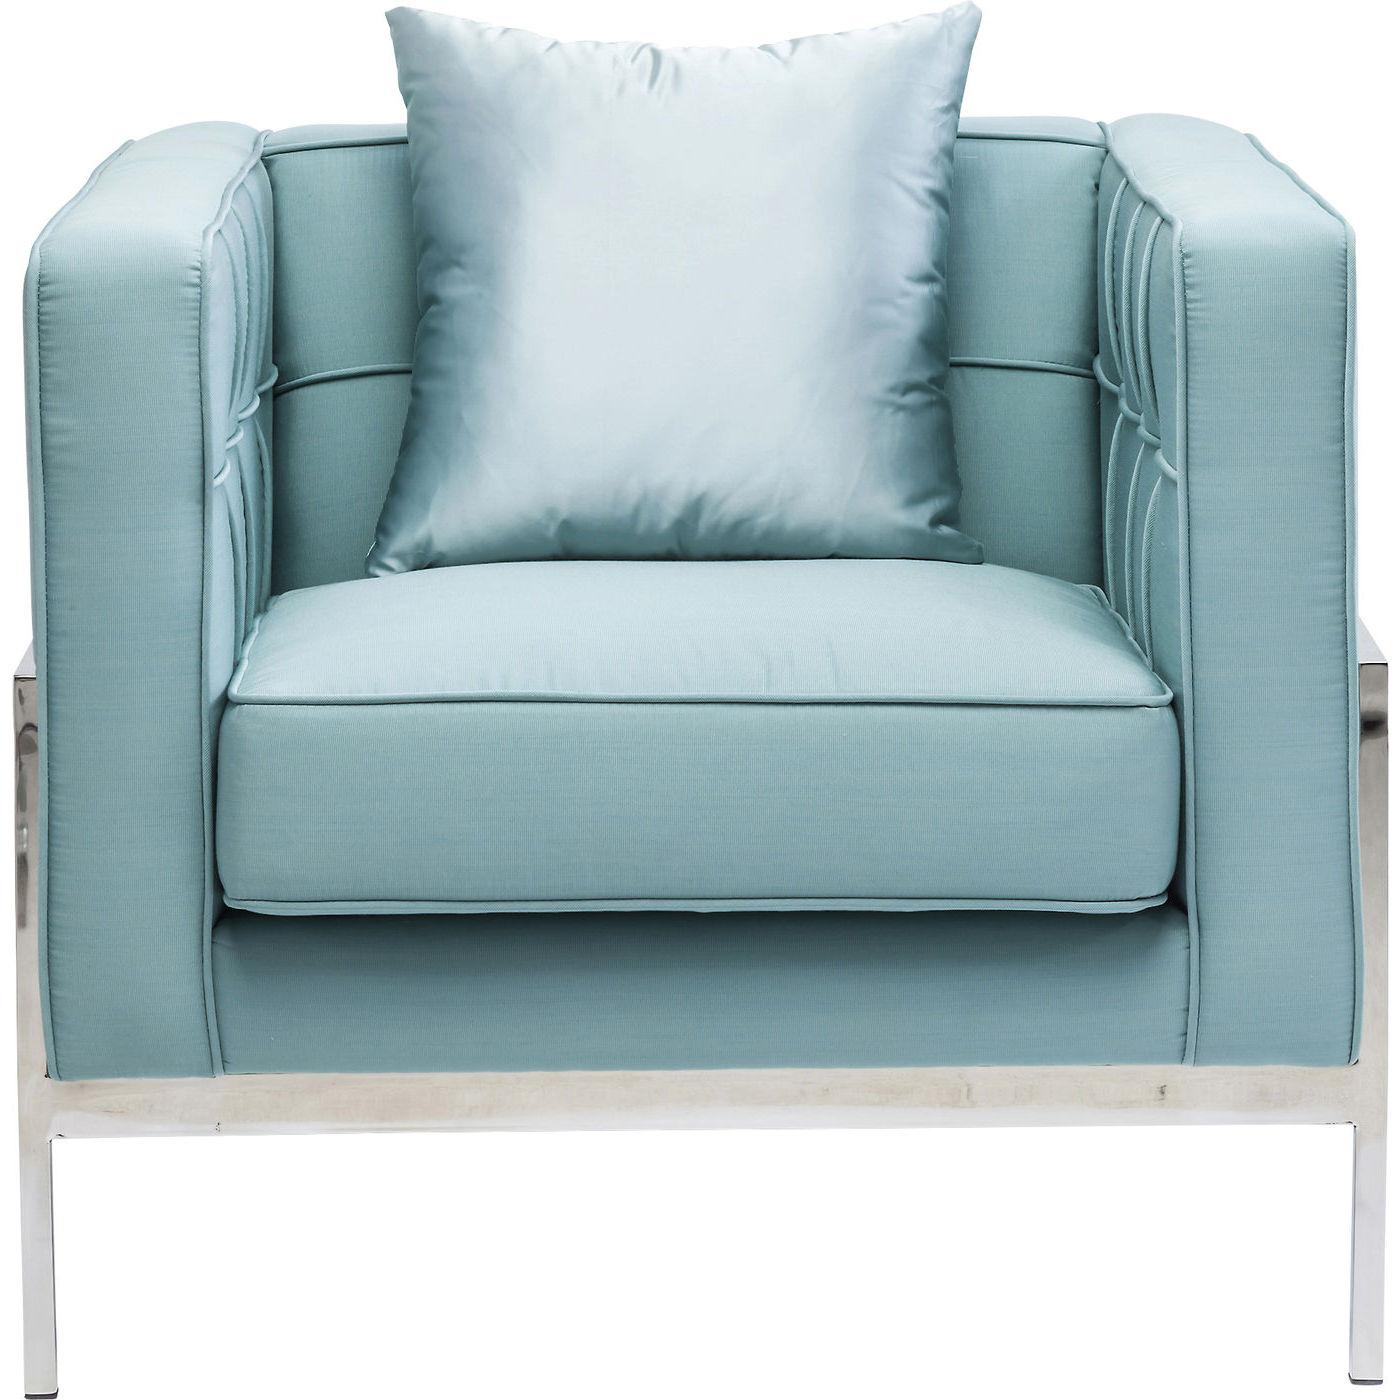 Billede af Kare Design Hvilestol m. Armlæn, Loft